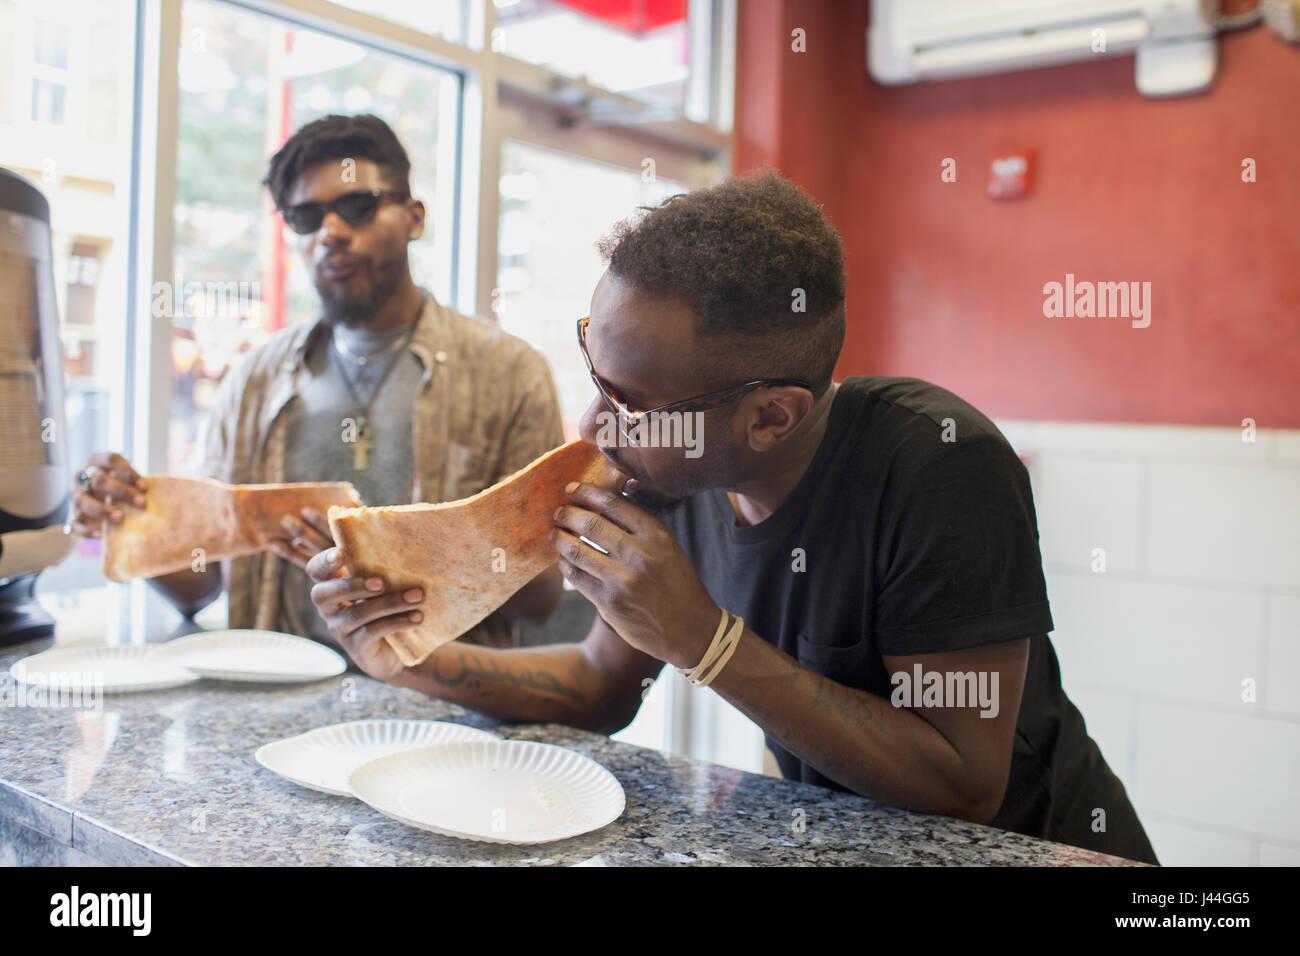 Deux jeunes hommes de manger des pizzas. Photo Stock